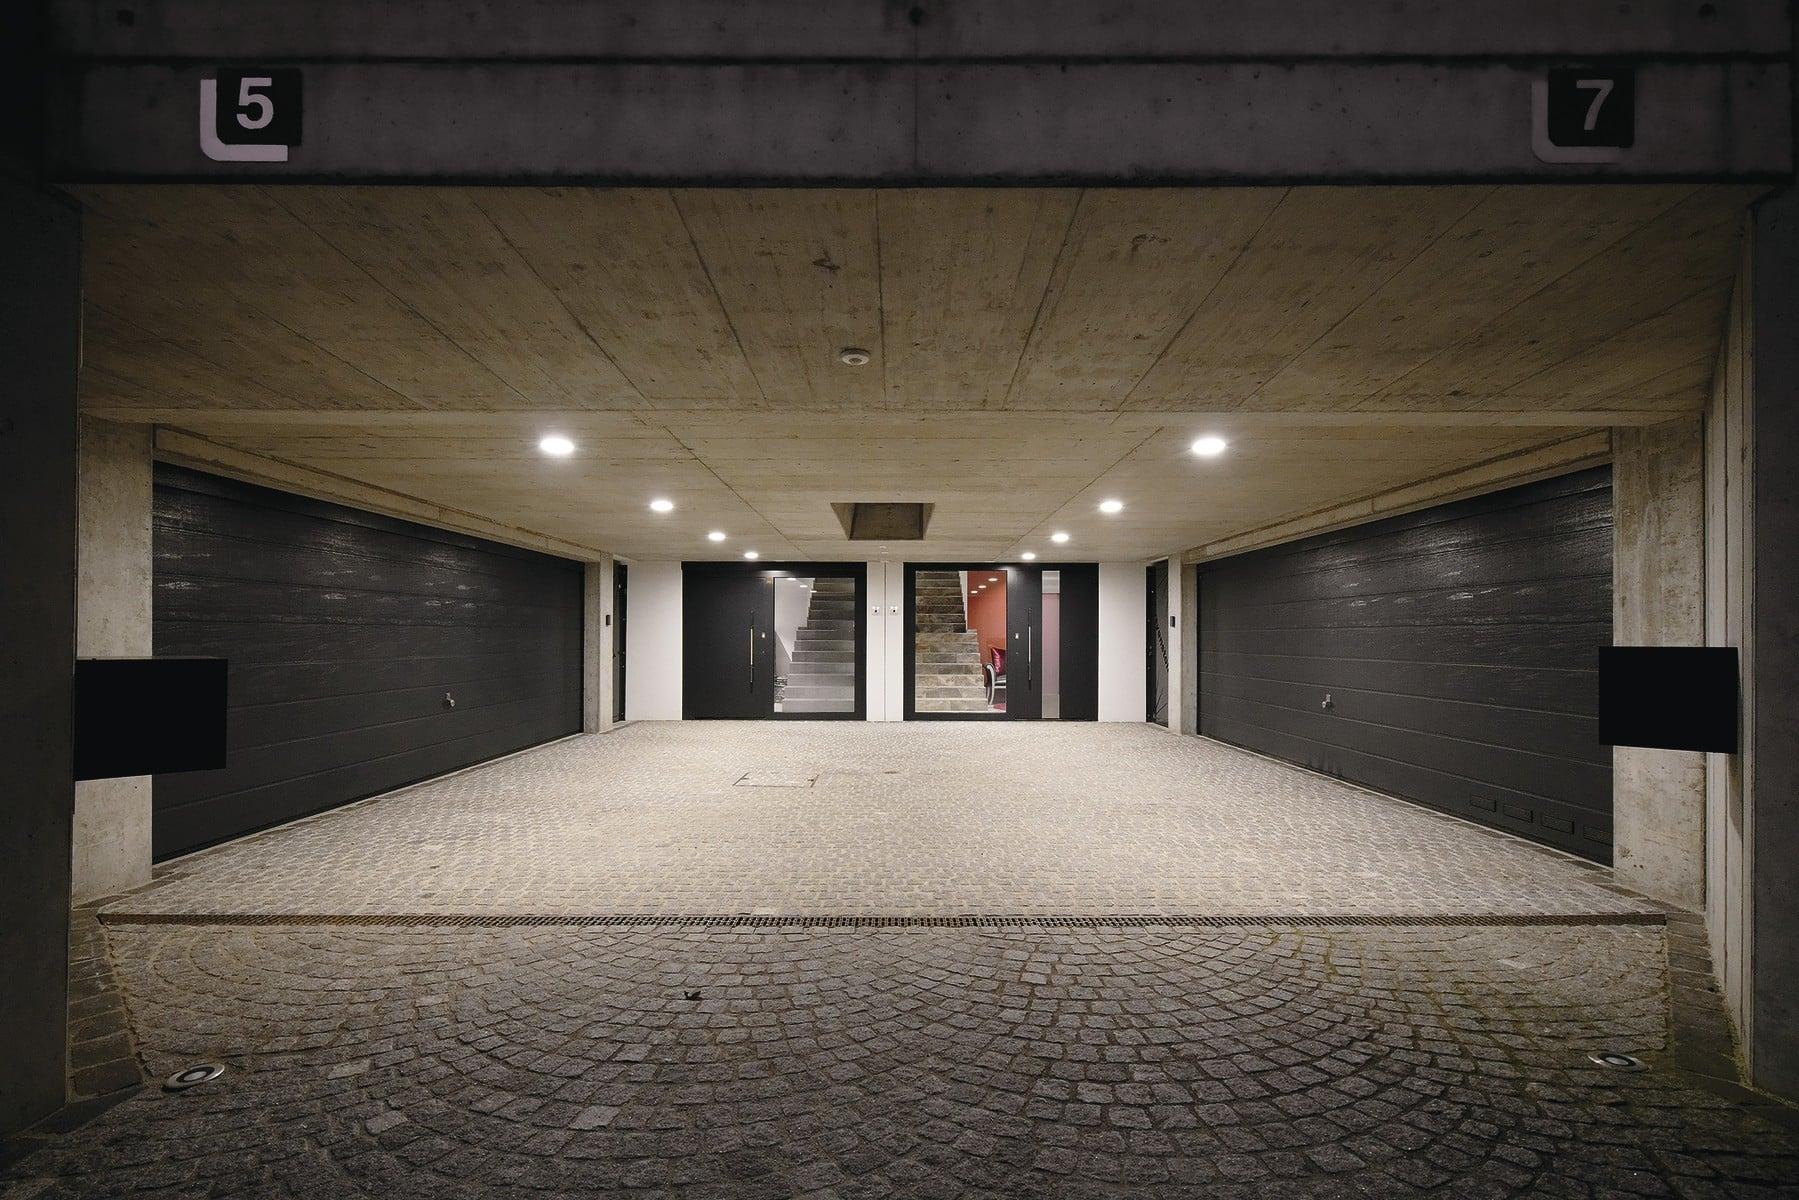 Tiefgarage - Doppelhaus WeberHaus Fertighaus - HausbauDirekt.de